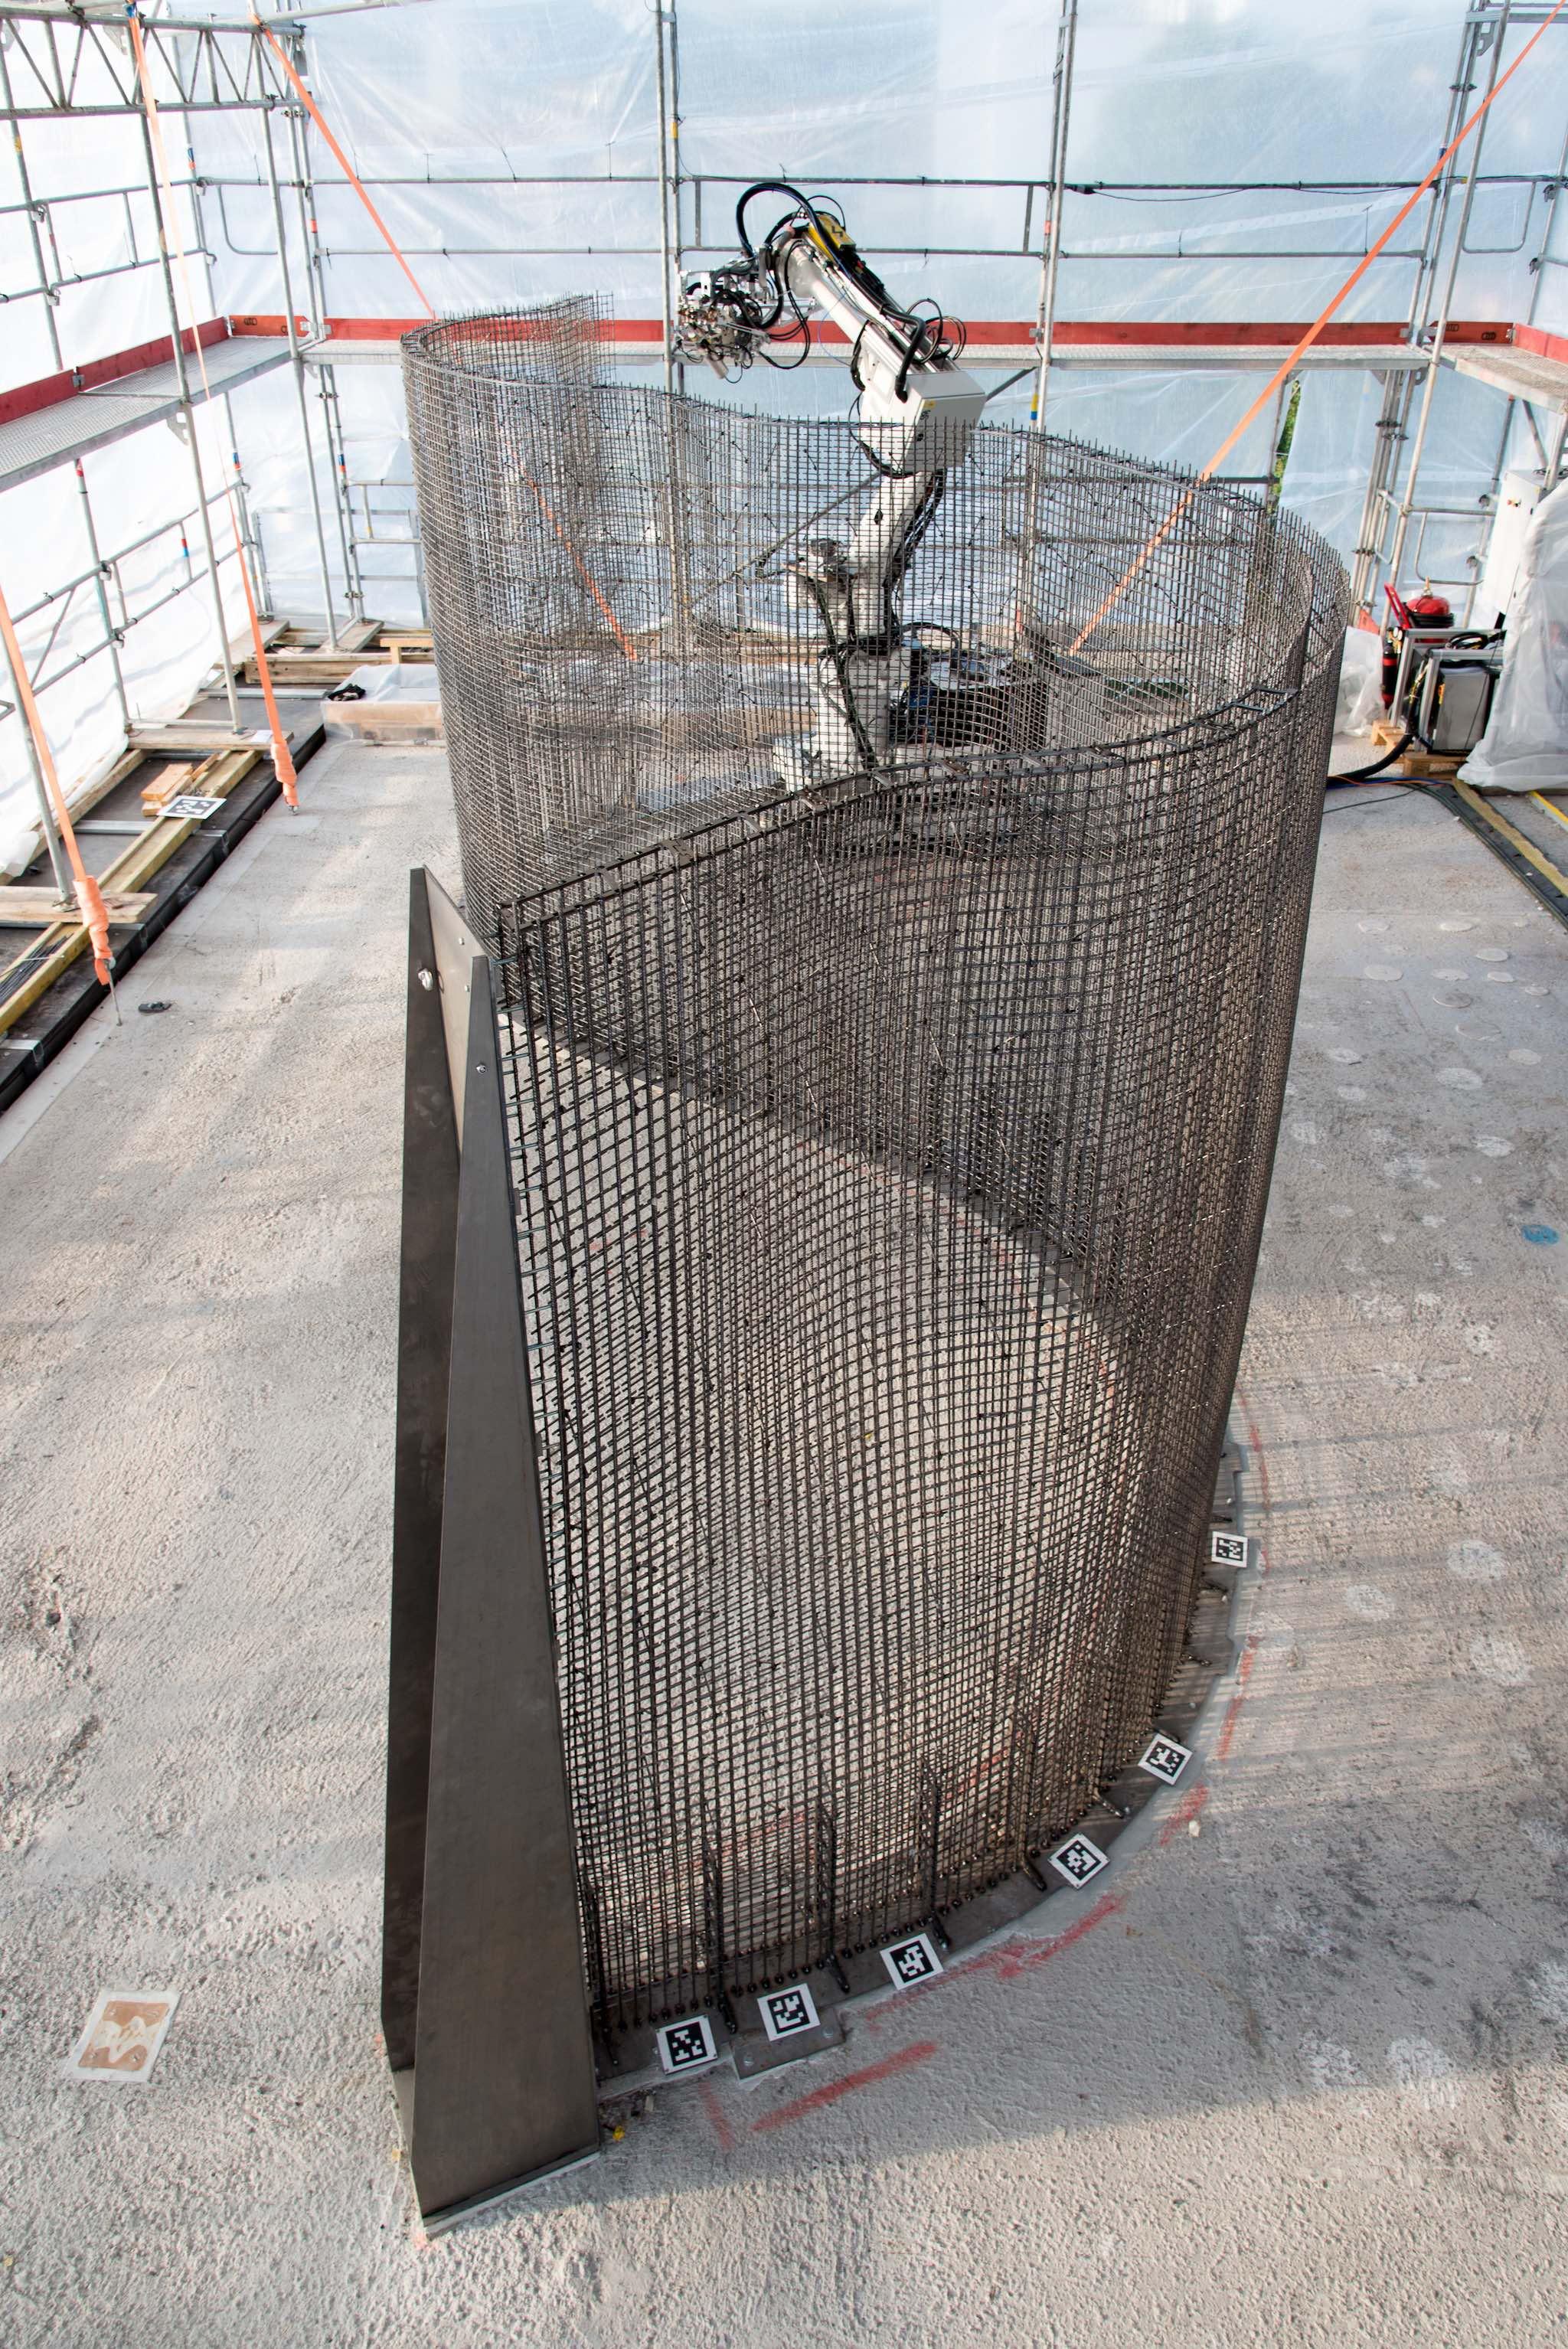 Der unermüdliche Roboter konstruiert eine neuartige Wand.Bild Gramazio Kohler Research, ETHZ